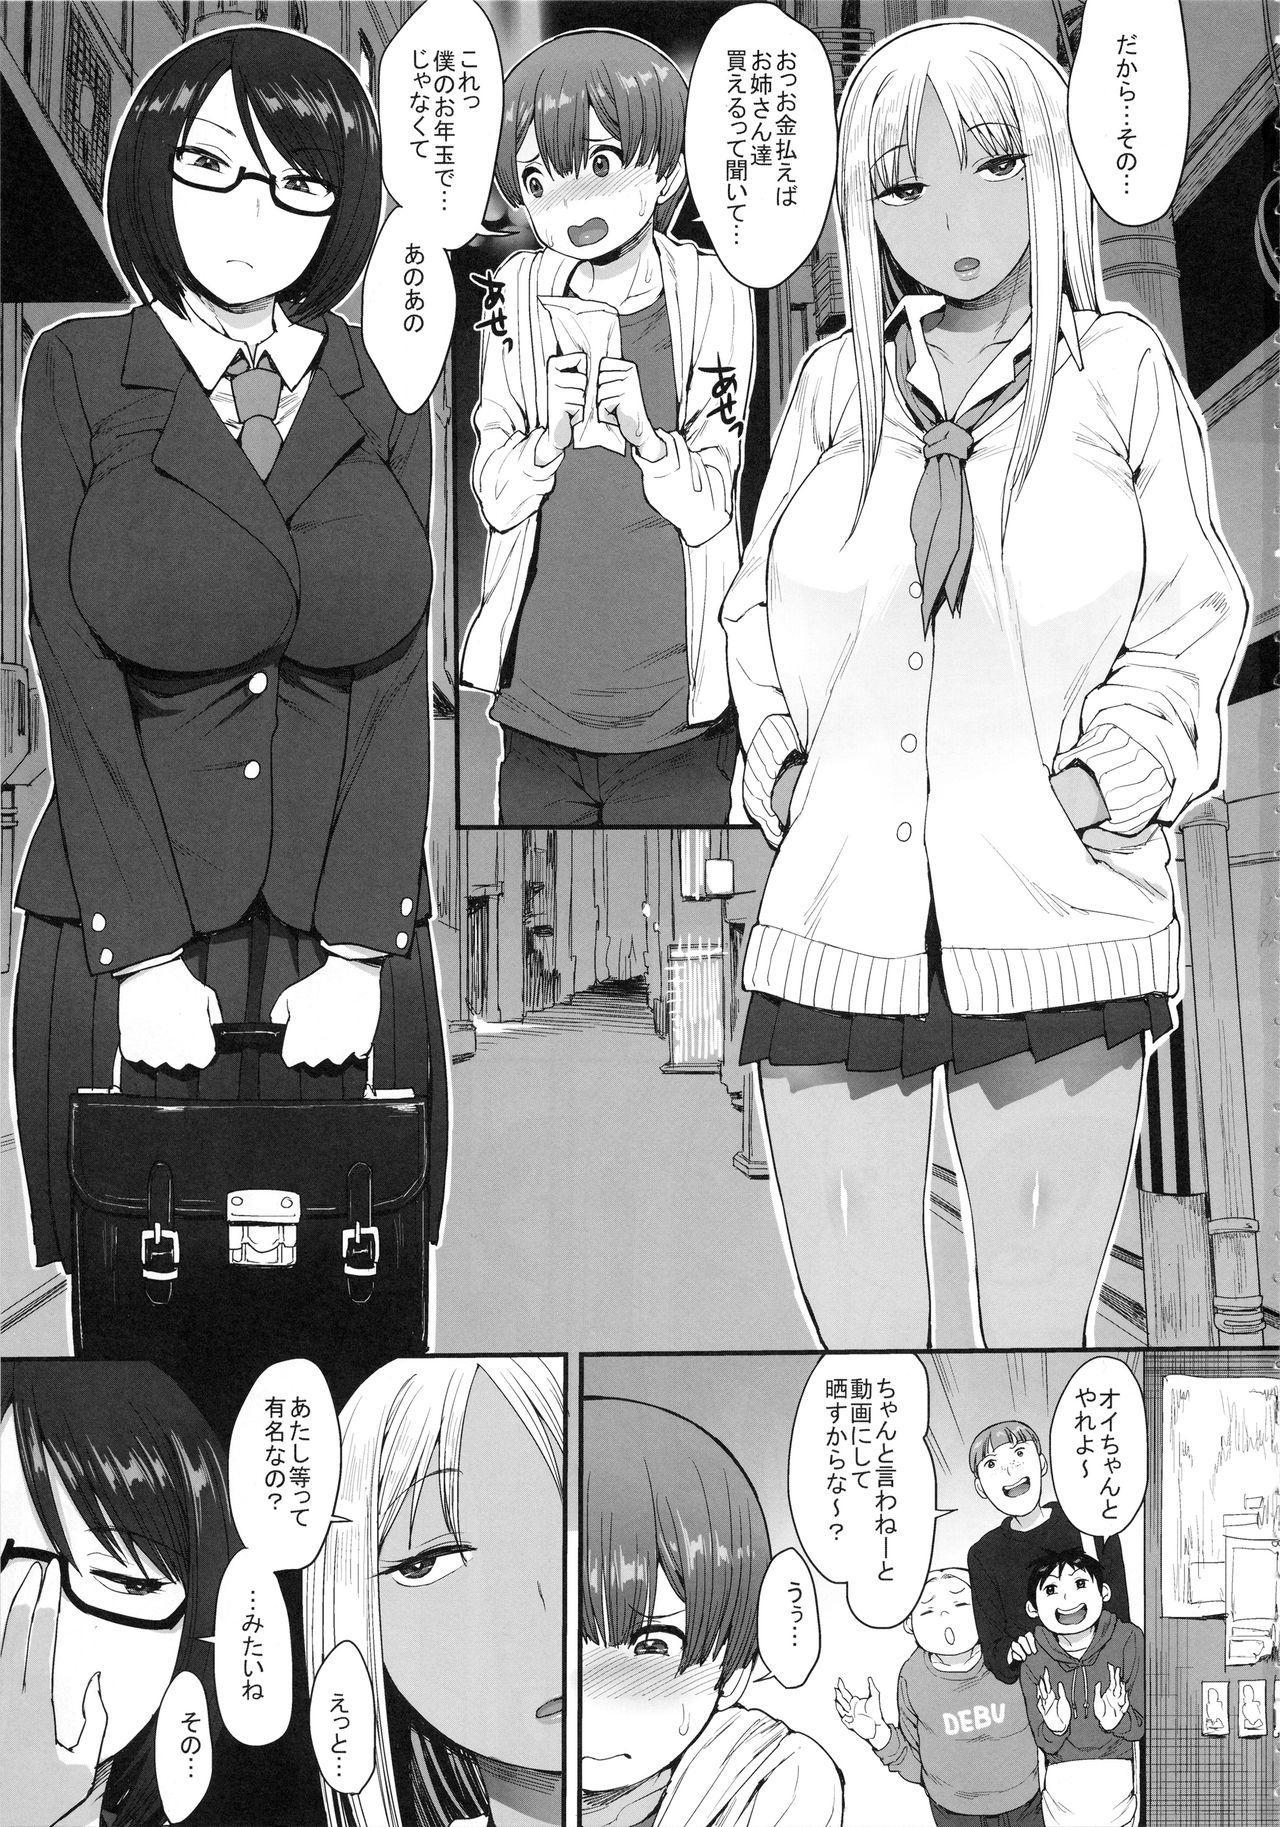 Tsuyoi Otoko ni Naritakute 1